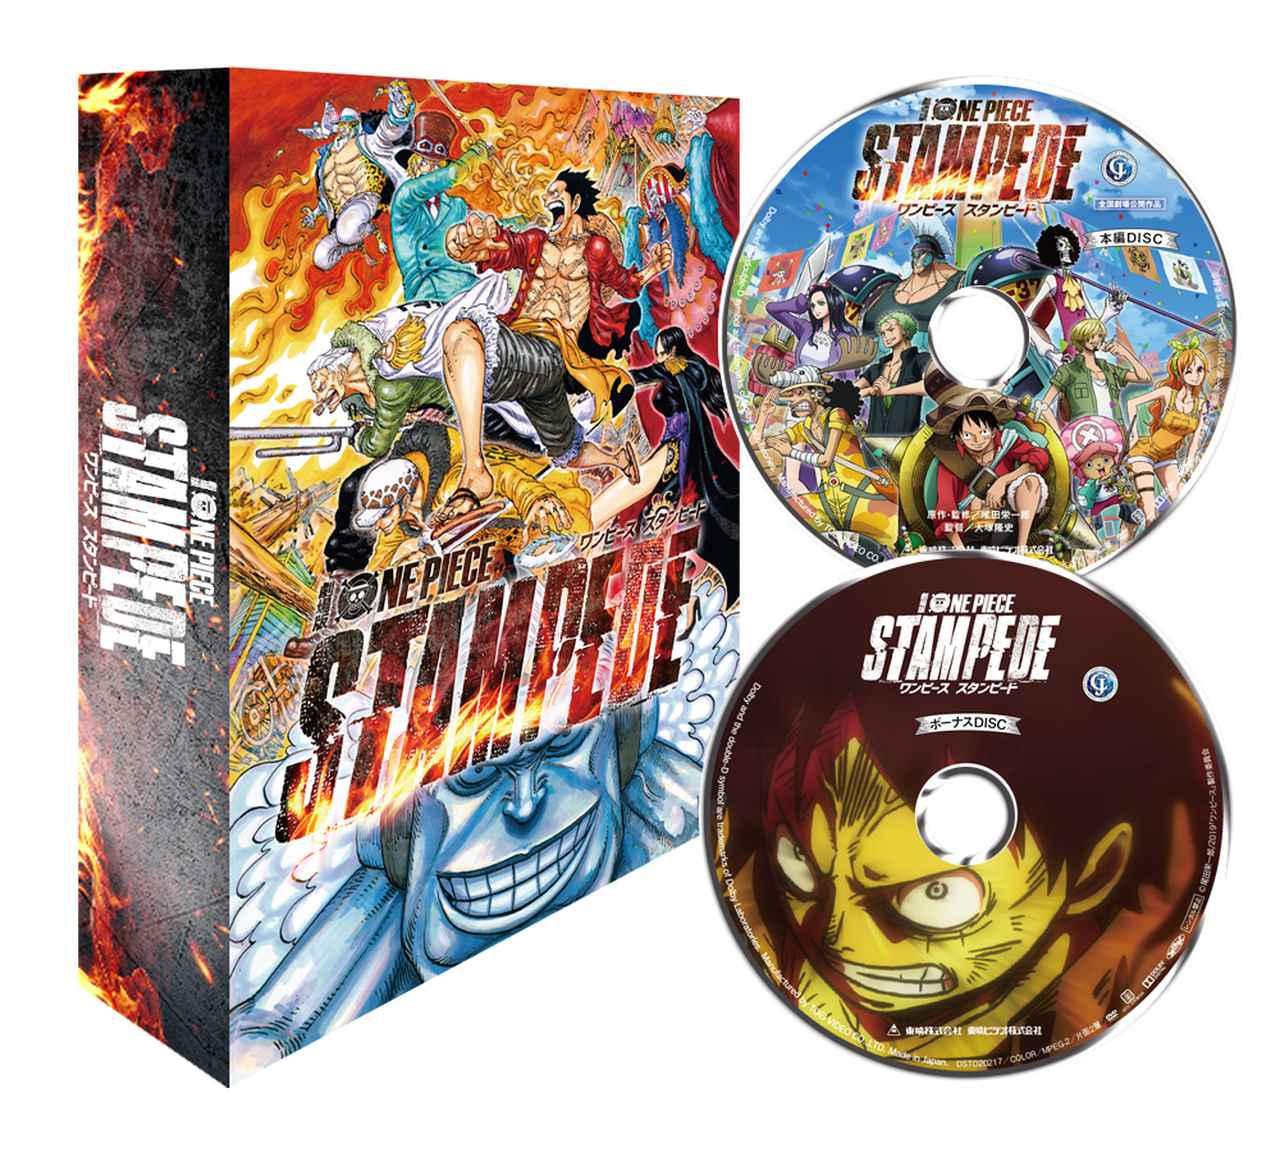 画像2: ⽇本中を⼤熱狂させた劇場版『ONE PIECE STAMPEDE』Blu-ray& DVDリリース